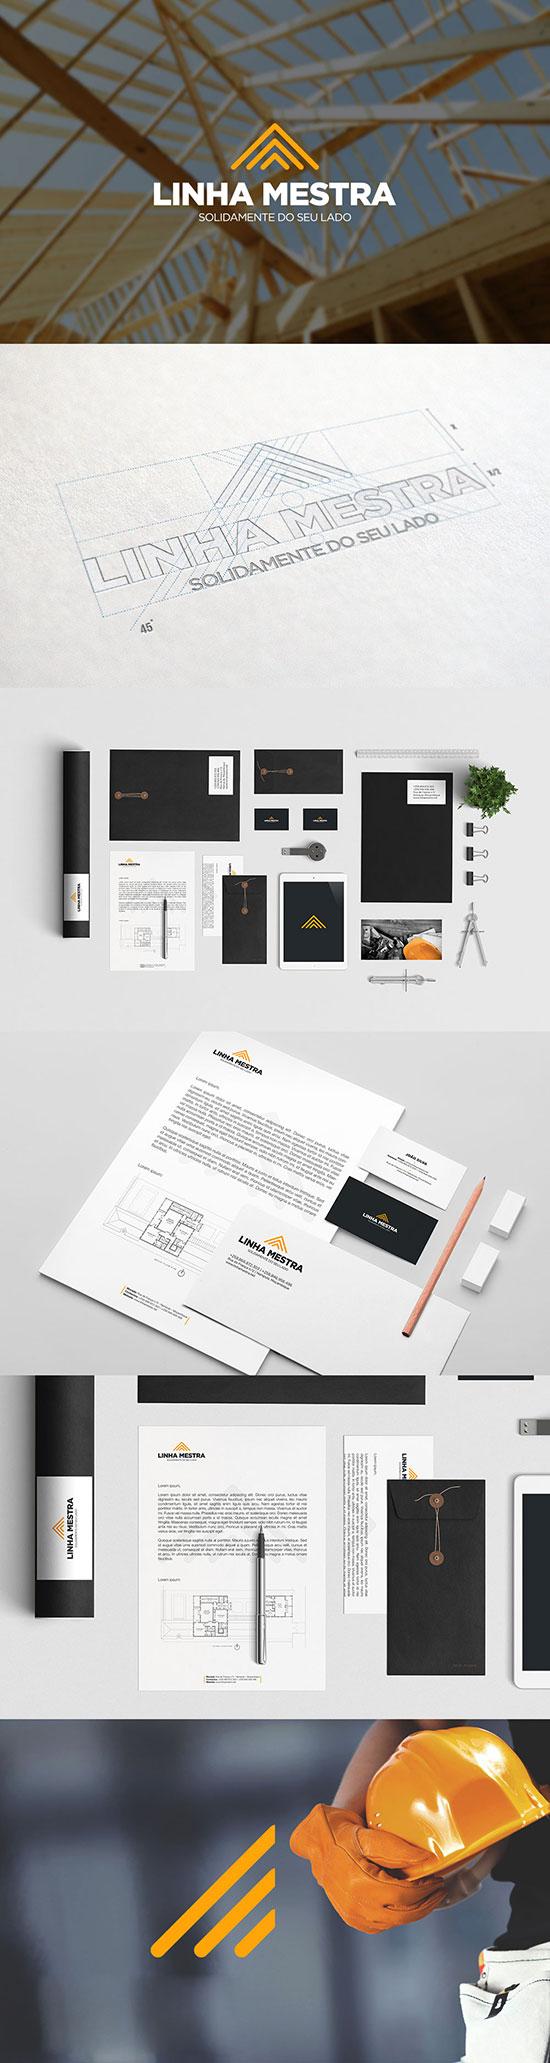 Diseños de identidad de empresa constructora